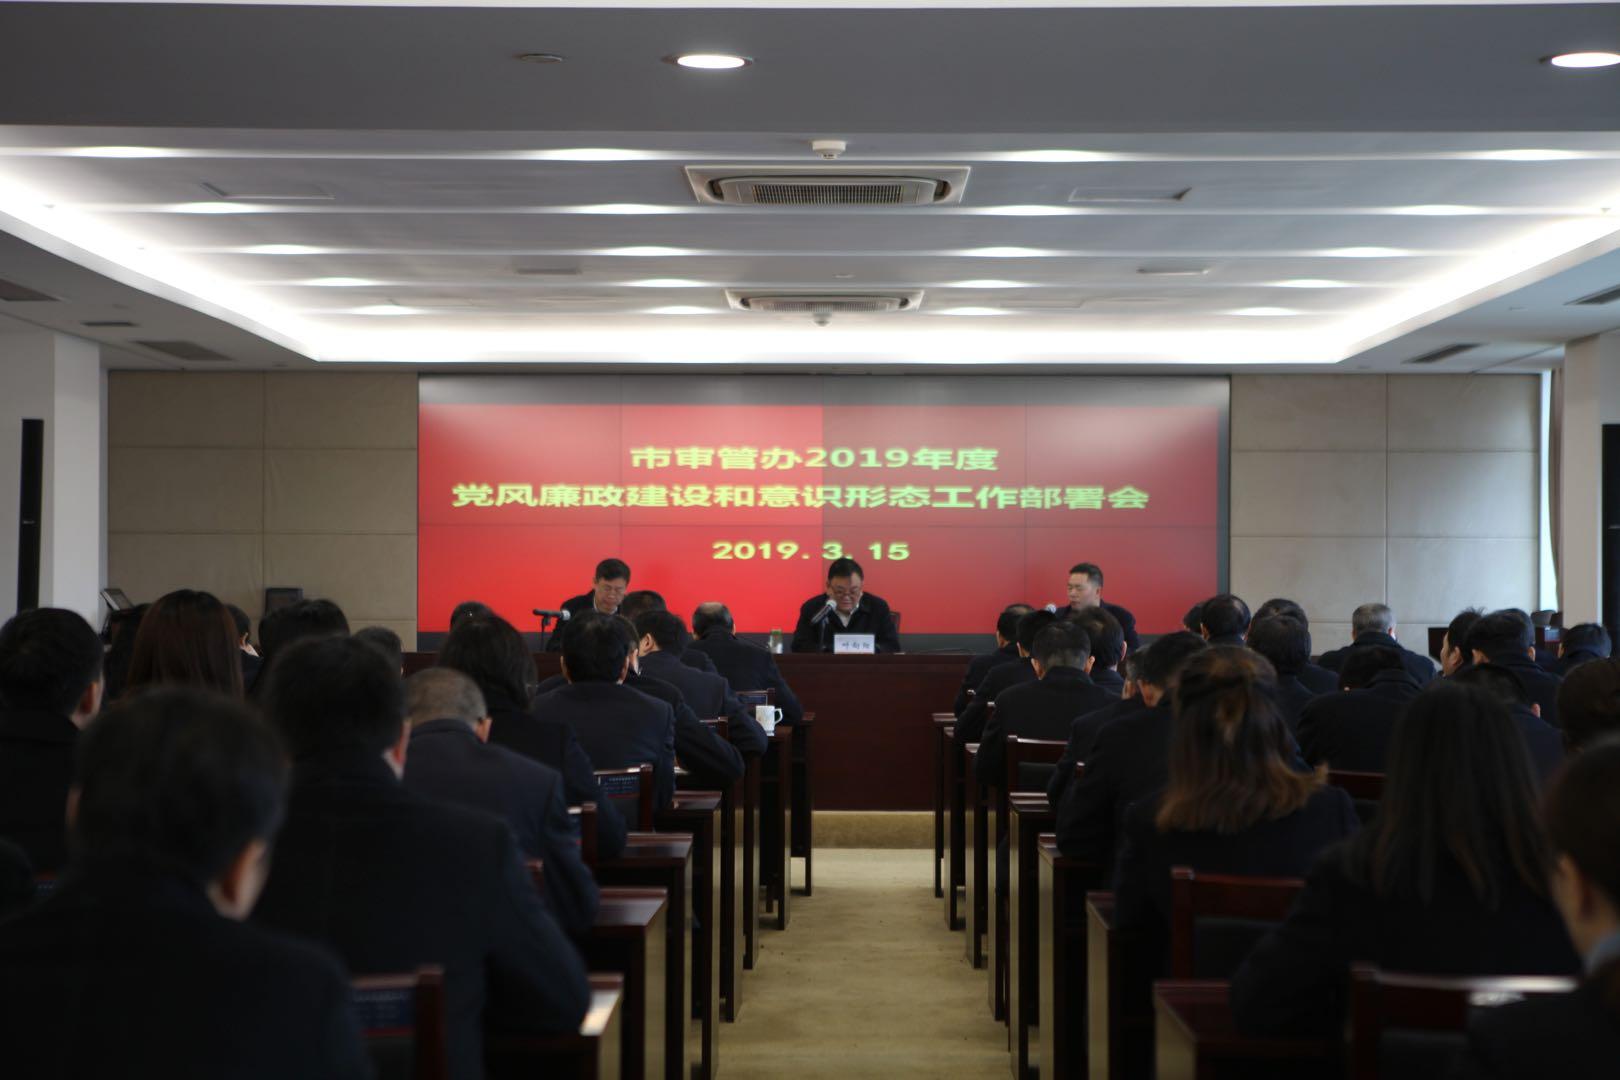 市审管办(公共资源交管办)召开2019年度党风廉政建设和意识形态工作部署会议